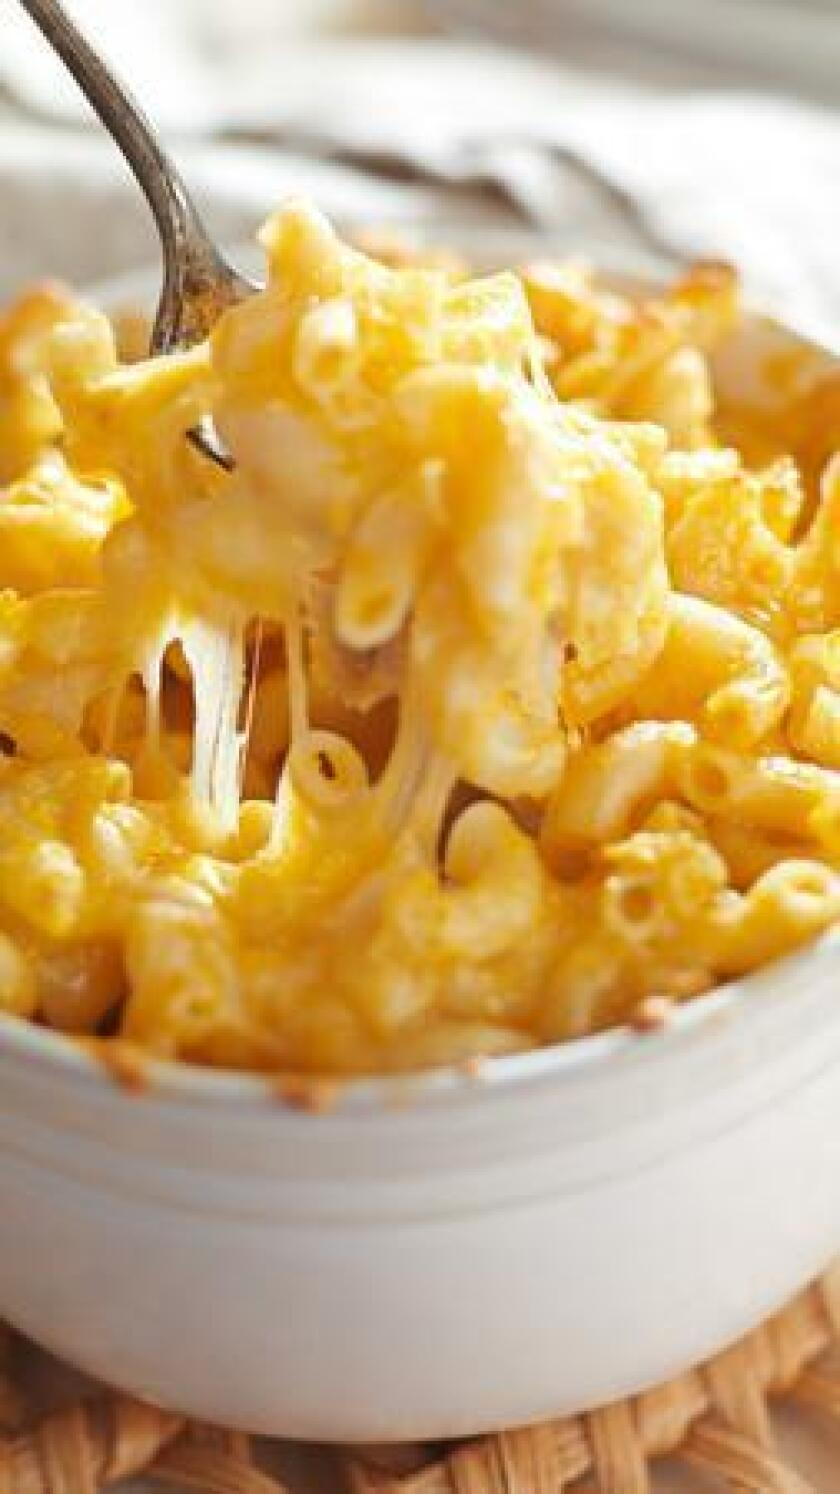 A decadent mac n' cheese dish